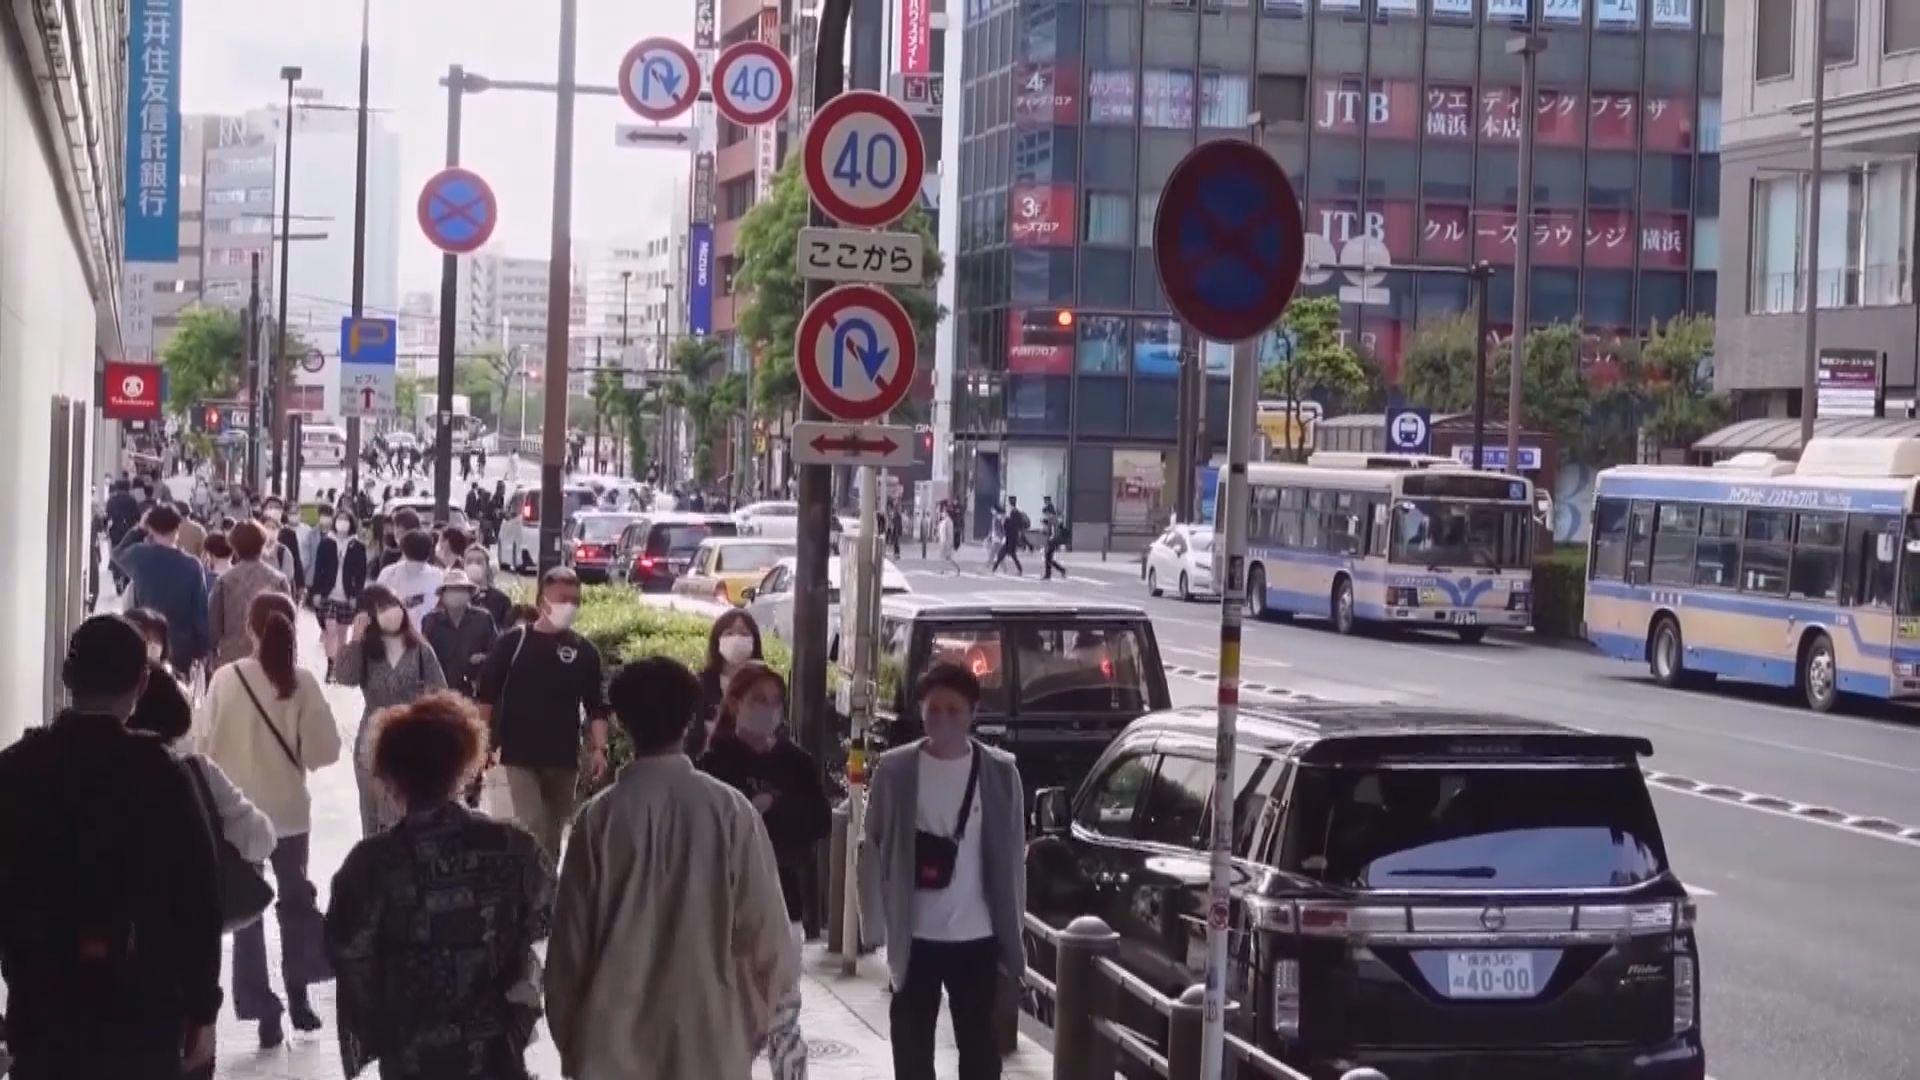 日本延長東京等19個都道府縣緊急狀態至本月底